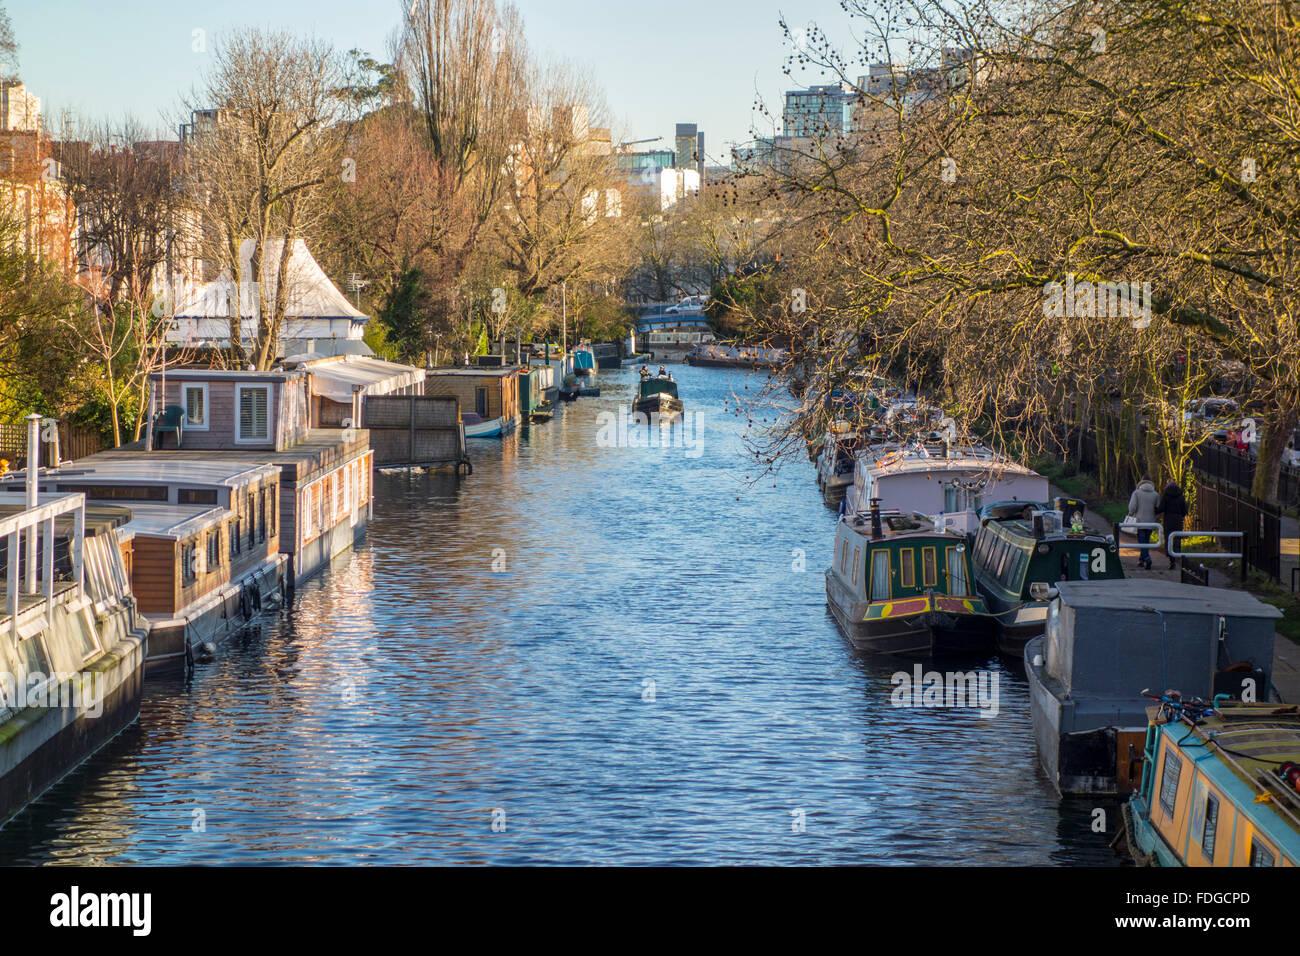 Grand Union Canal, Little Venice, Paddington, Londres, Reino Unido. Imagen De Stock